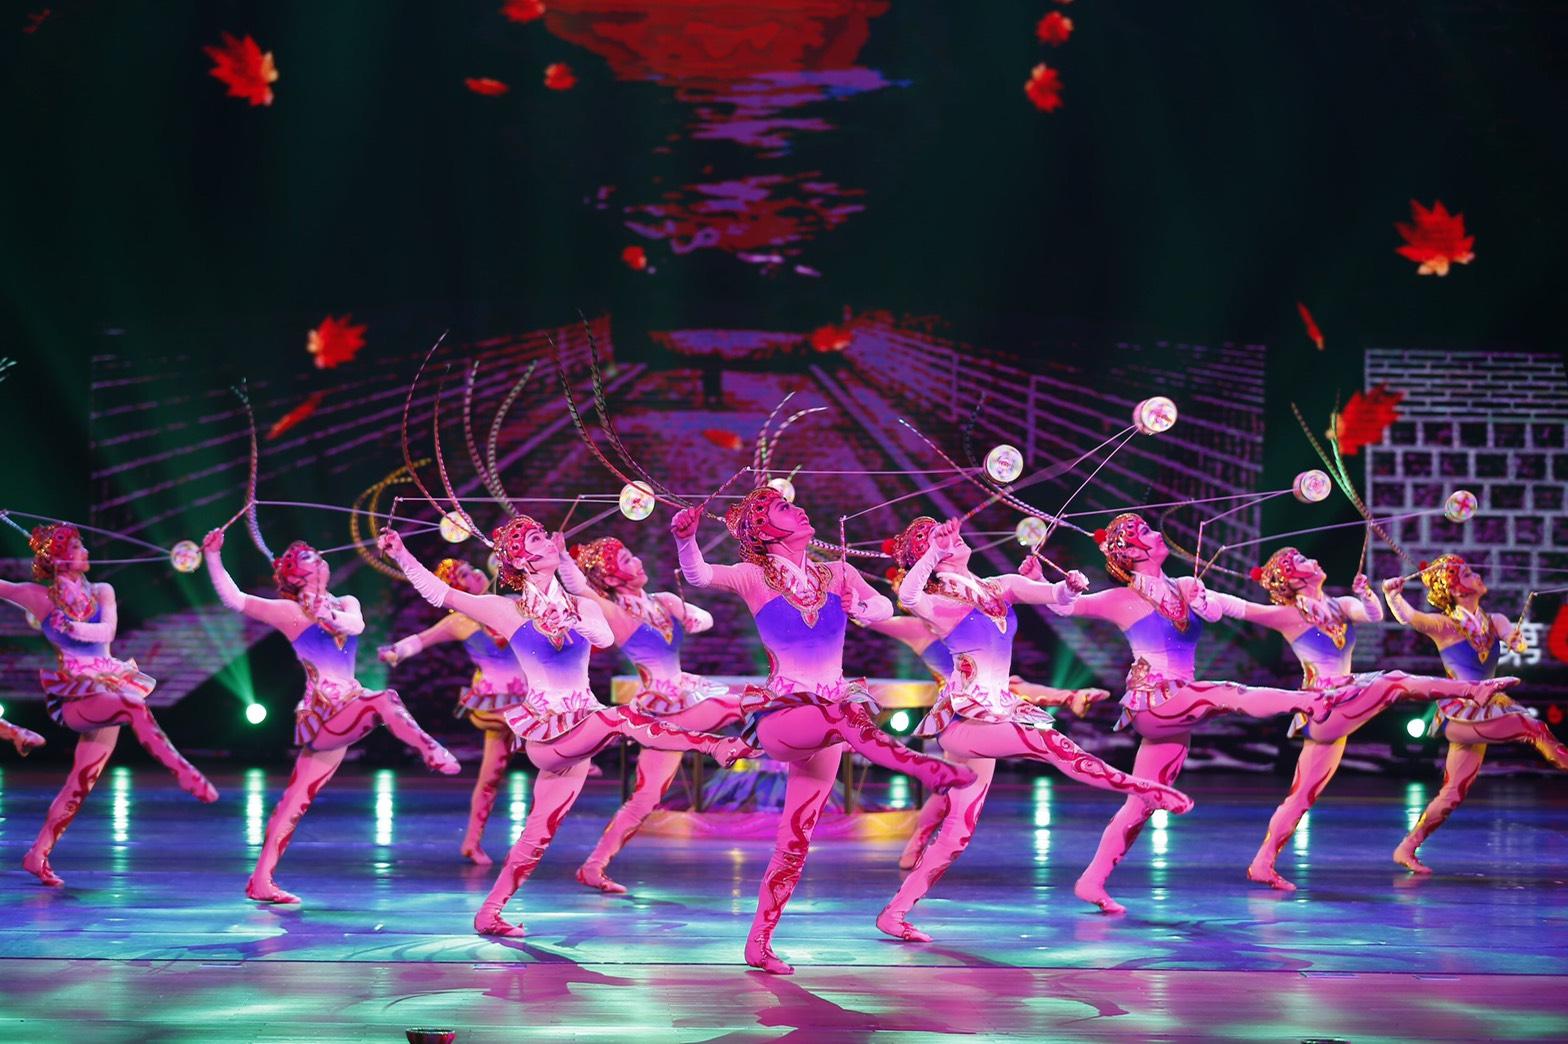 【新莊文化藝術中心】雜技絕活、奇蹟幻術 世界級中華藝術盛宴 新北登場